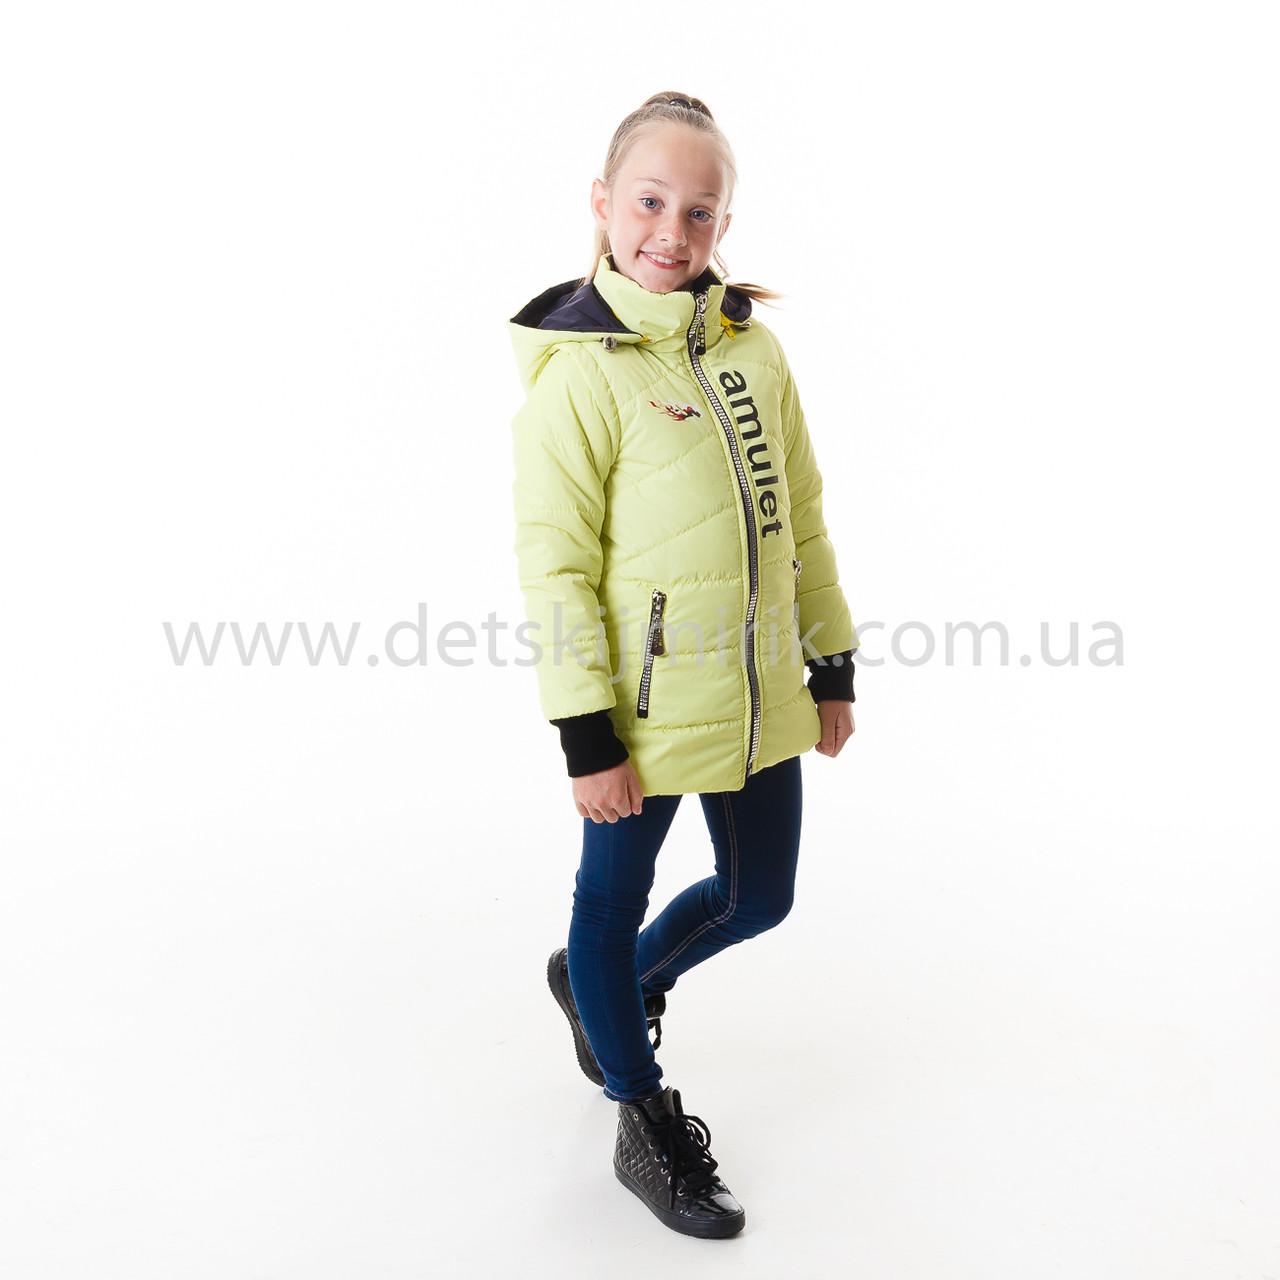 Детская куртка-жилет демисезонная